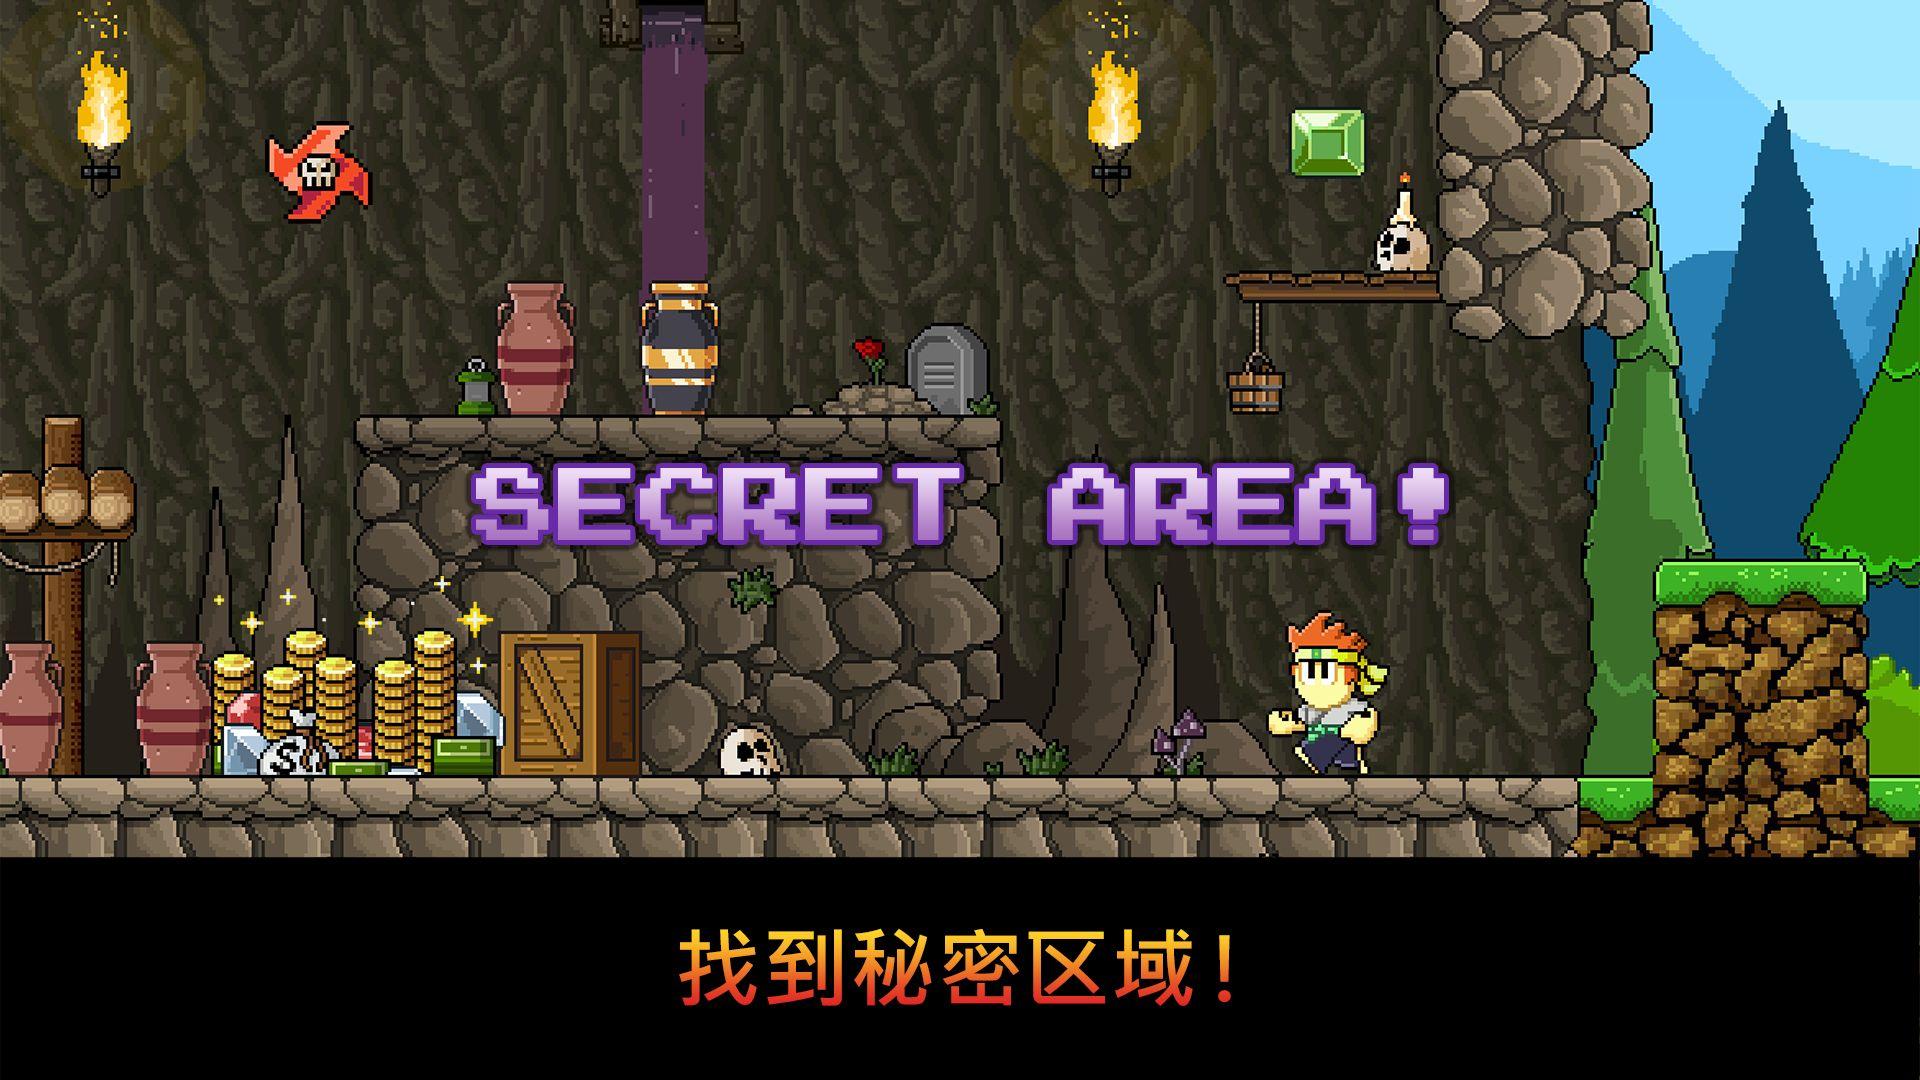 英雄丹 (Dan the Man官方正版)–超级经典冒险游戏 游戏截图5